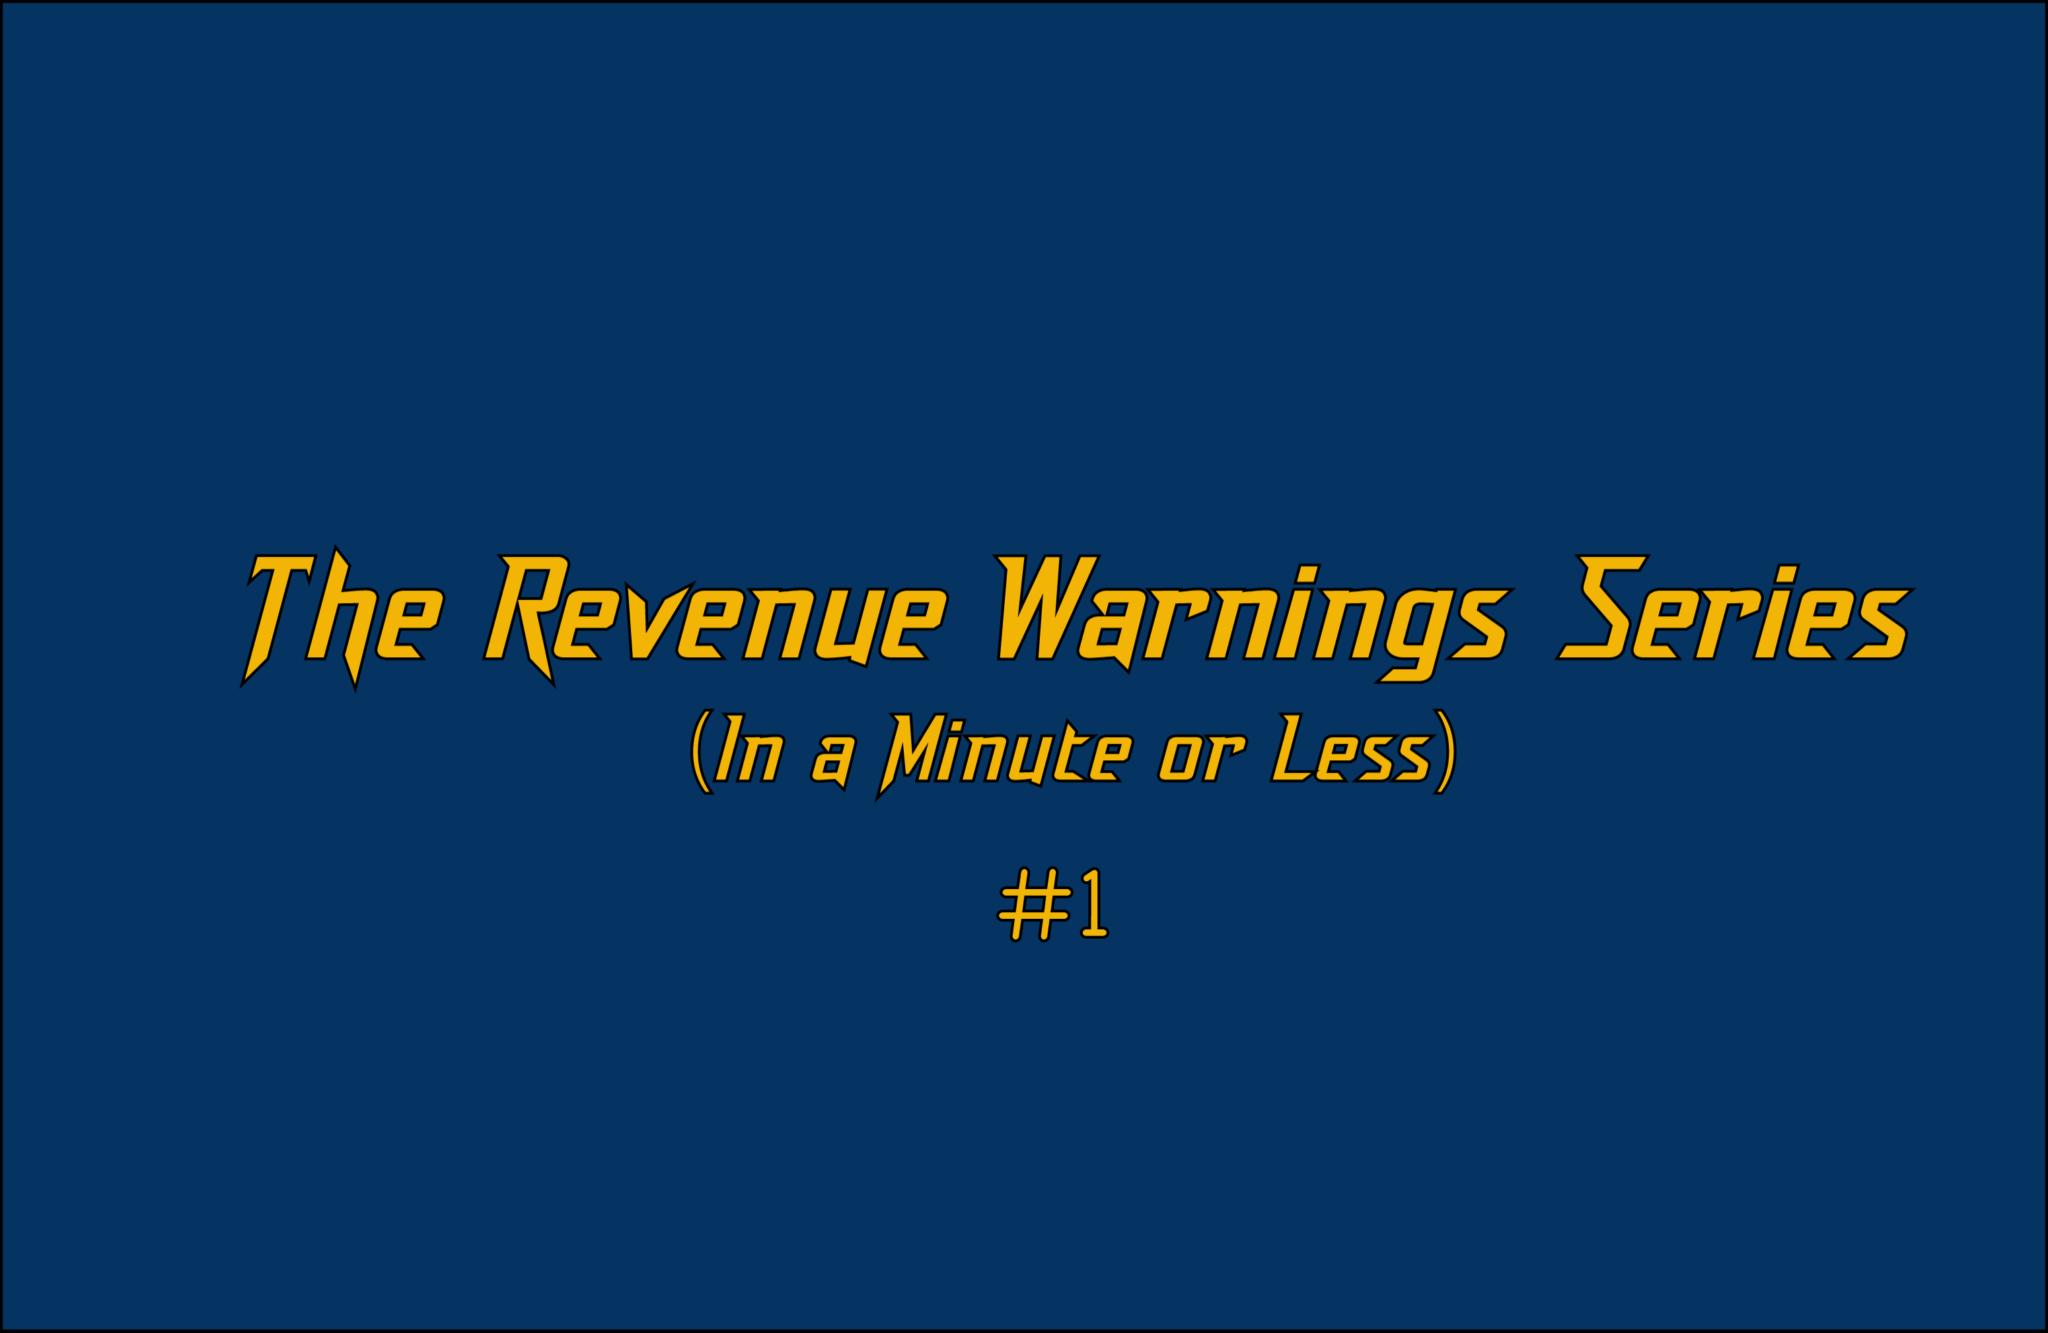 Revenue Warning #1: Don't Pivot